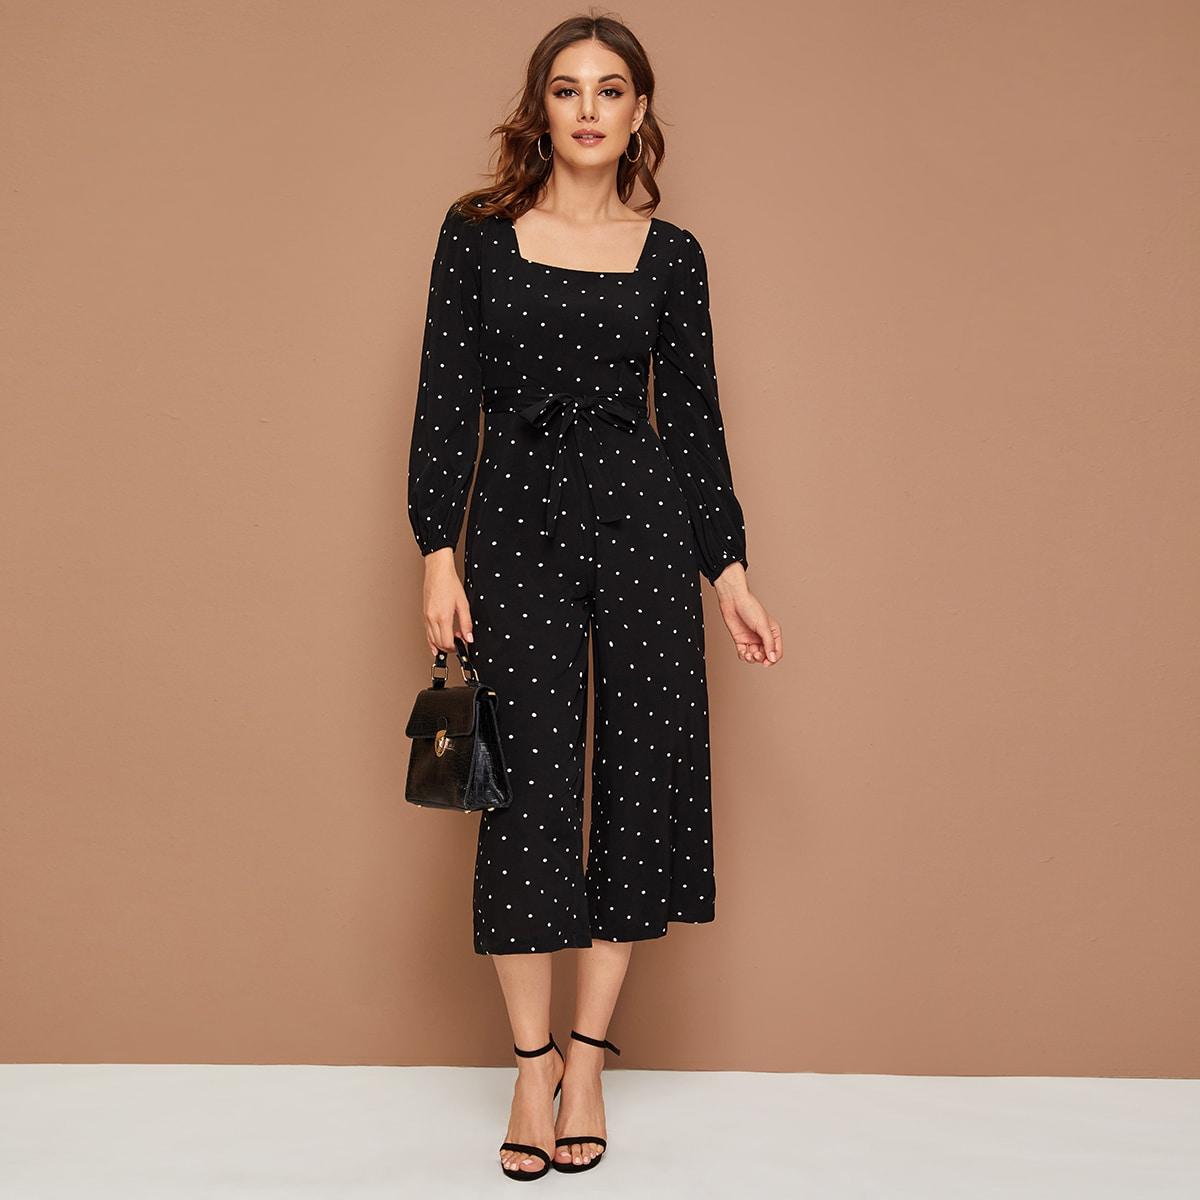 SHEIN / Culotte Jumpsuit mit quadratischem Kragen, Punkten Muster und Gürtel